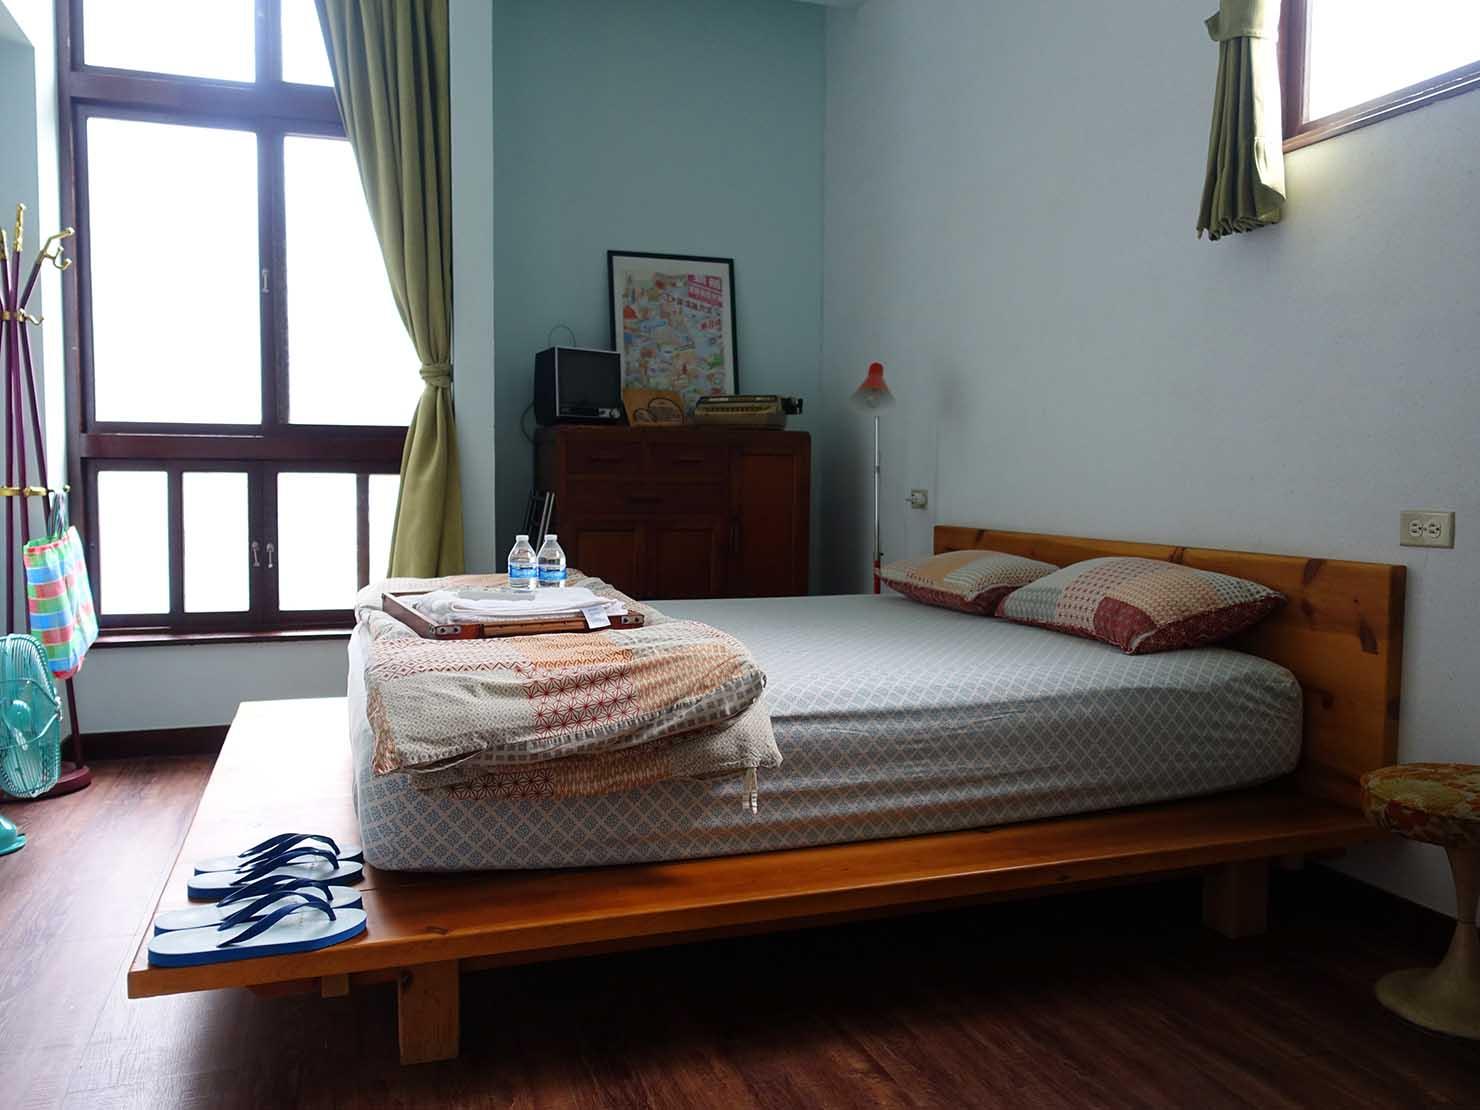 台南観光におすすめな古民家ゲストハウス「散步strolling」參號房(ダブルルーム)のベッド